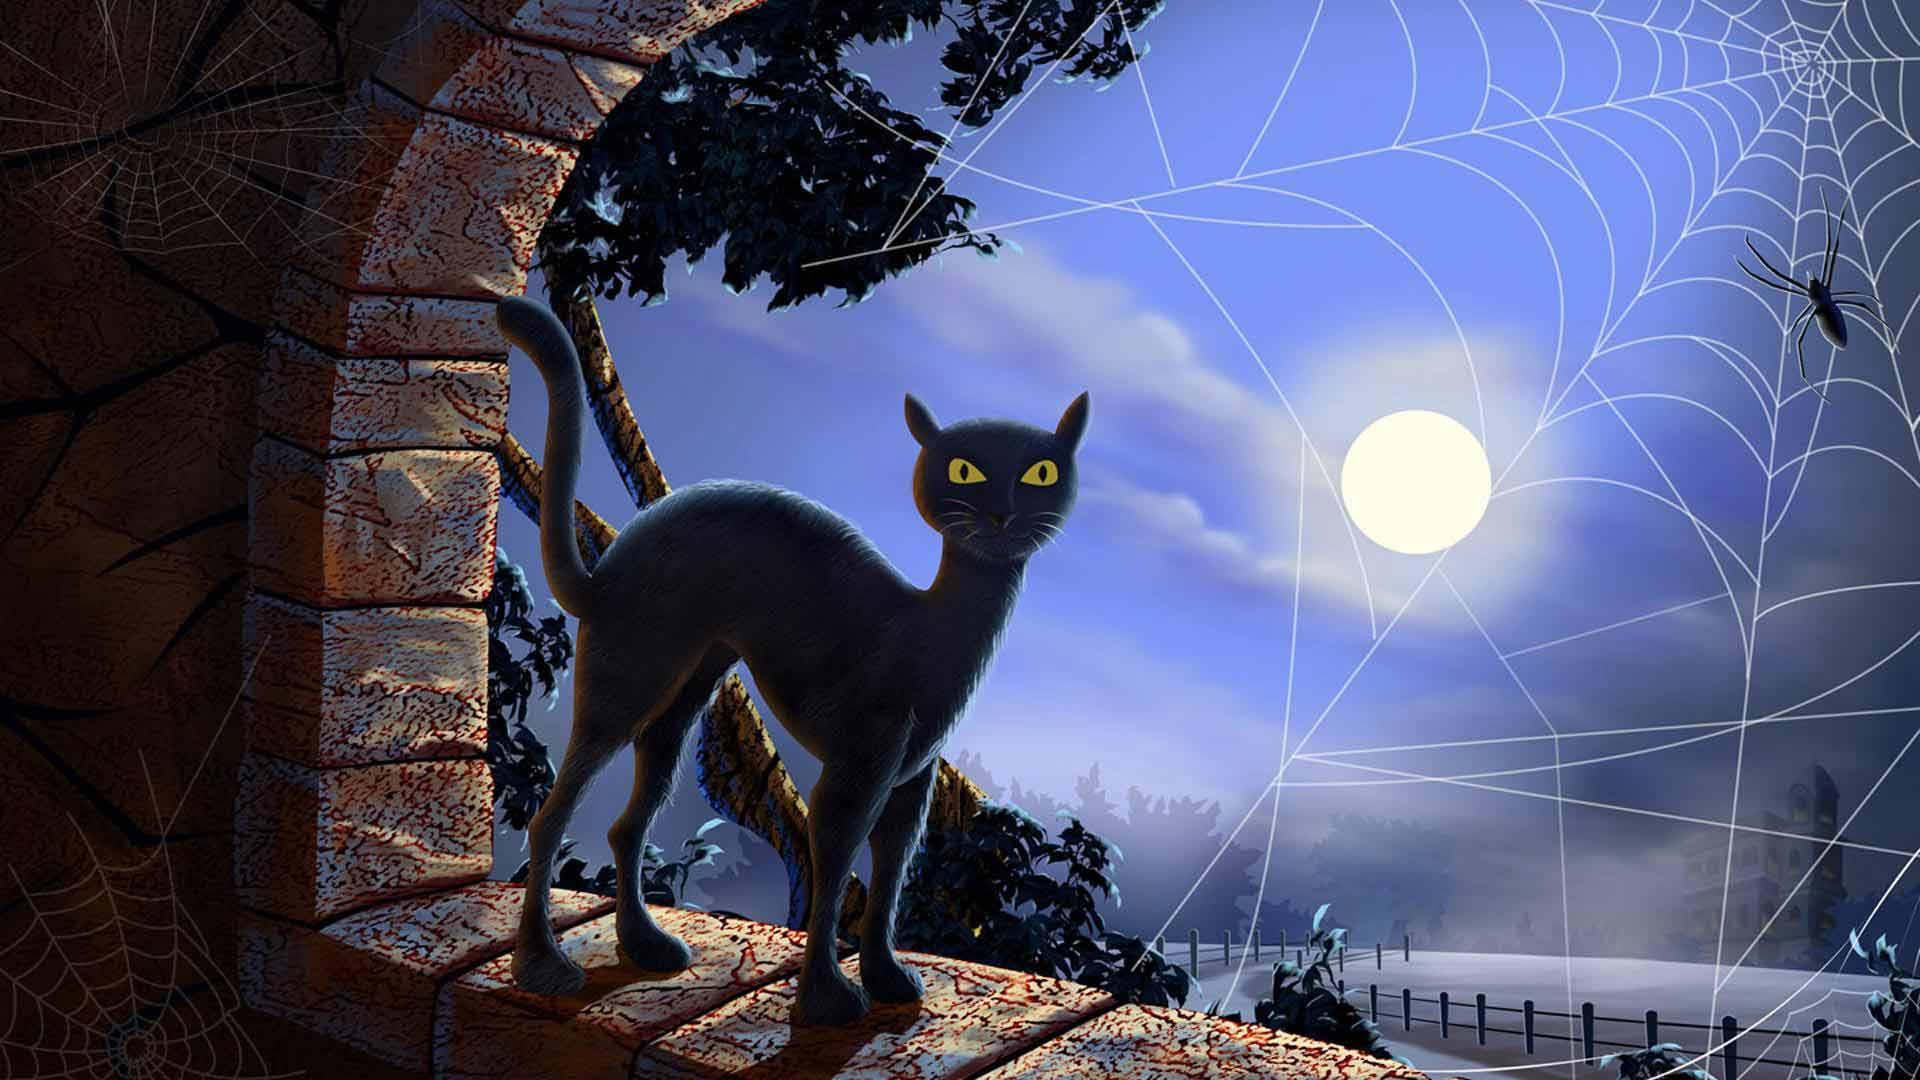 Ночь кот обои на рабочий стол